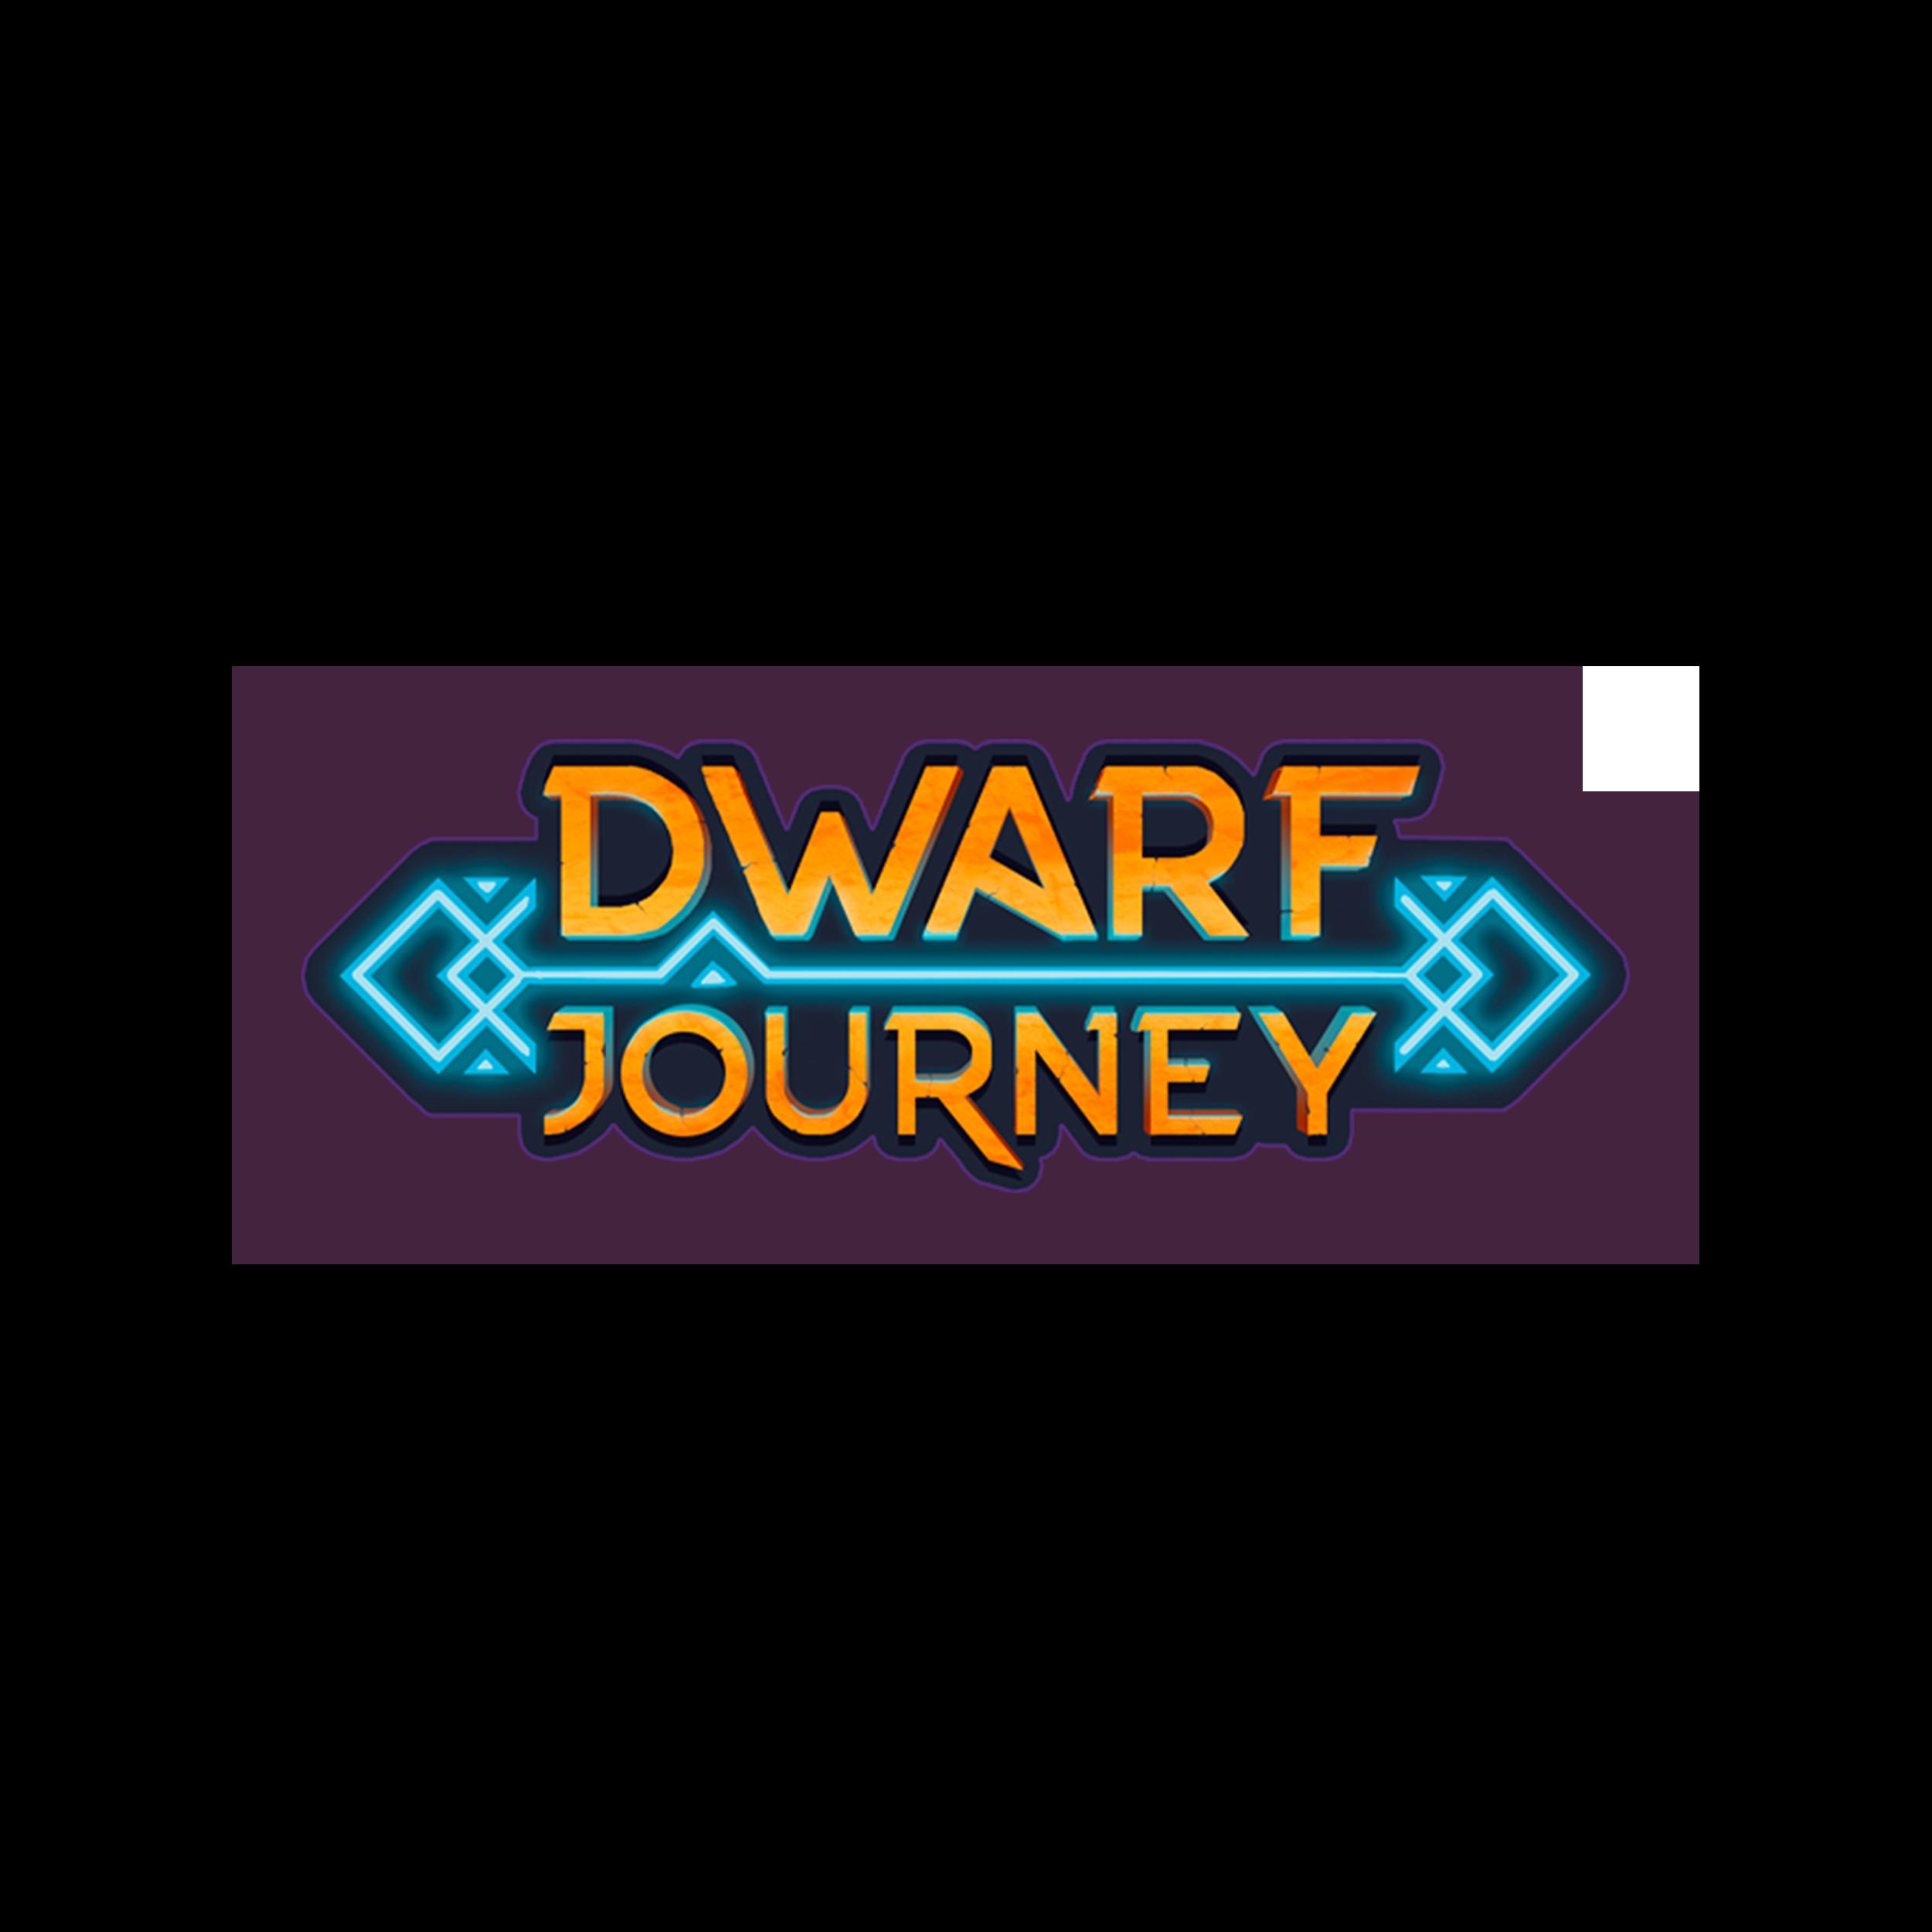 Dwarf Journey logo